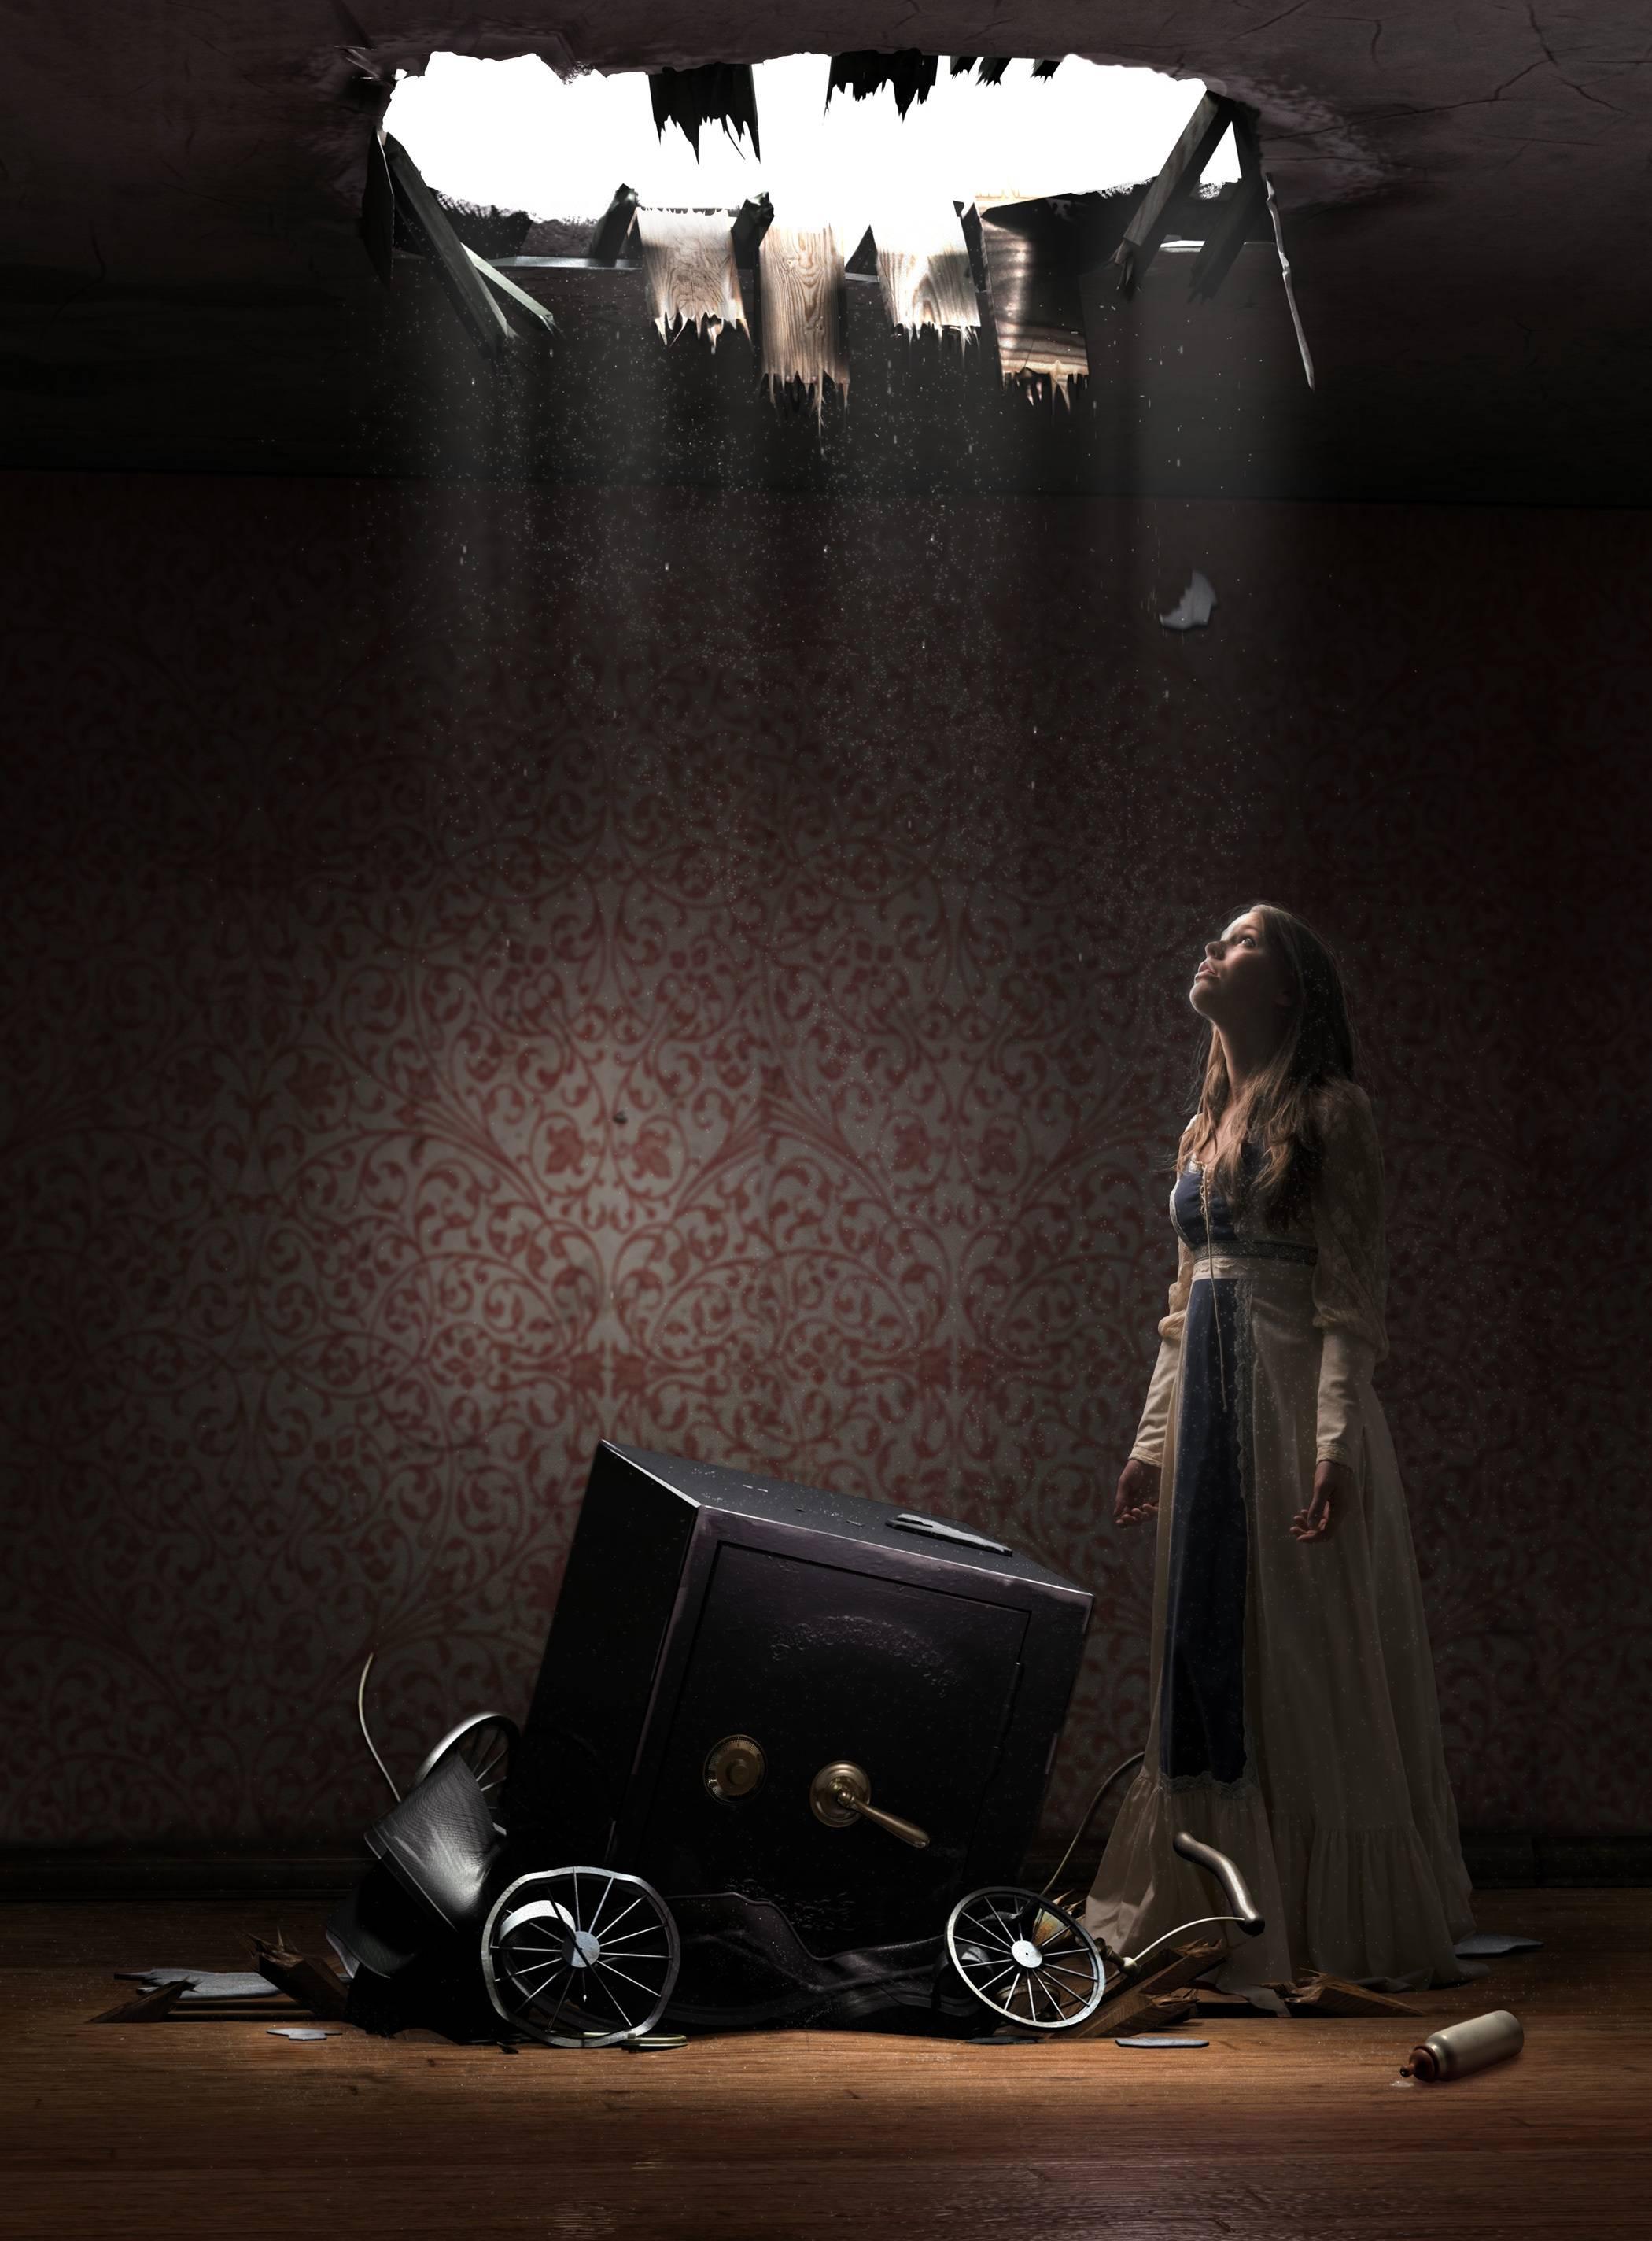 The-Socrates-Safe-Company-Jamie Baldridge-2009